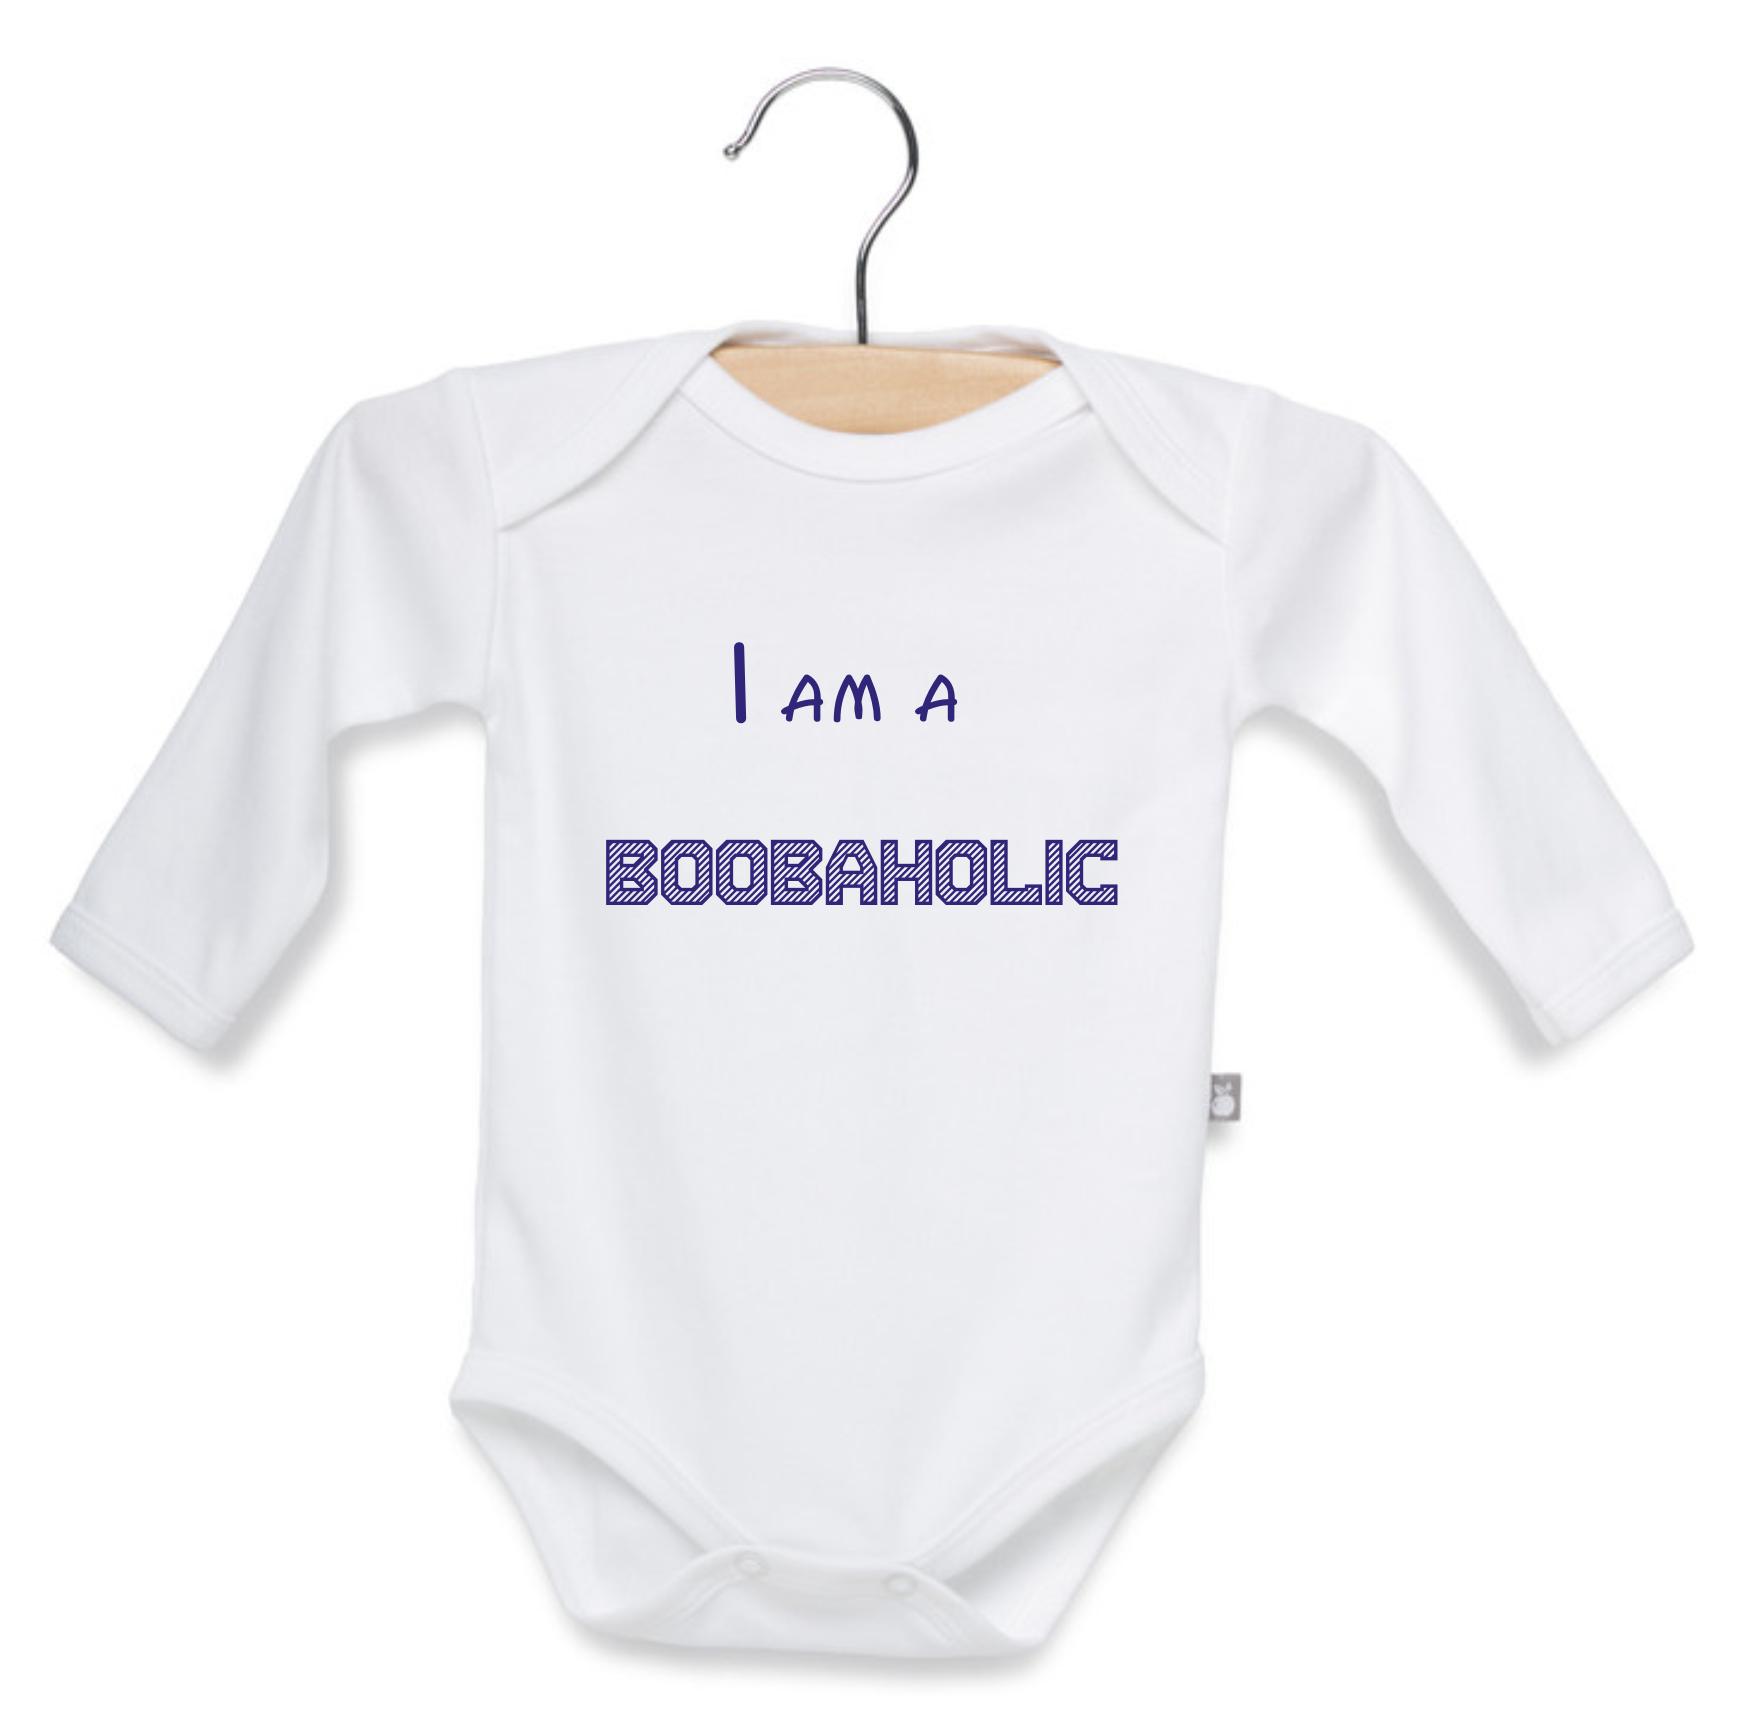 Boobaholic